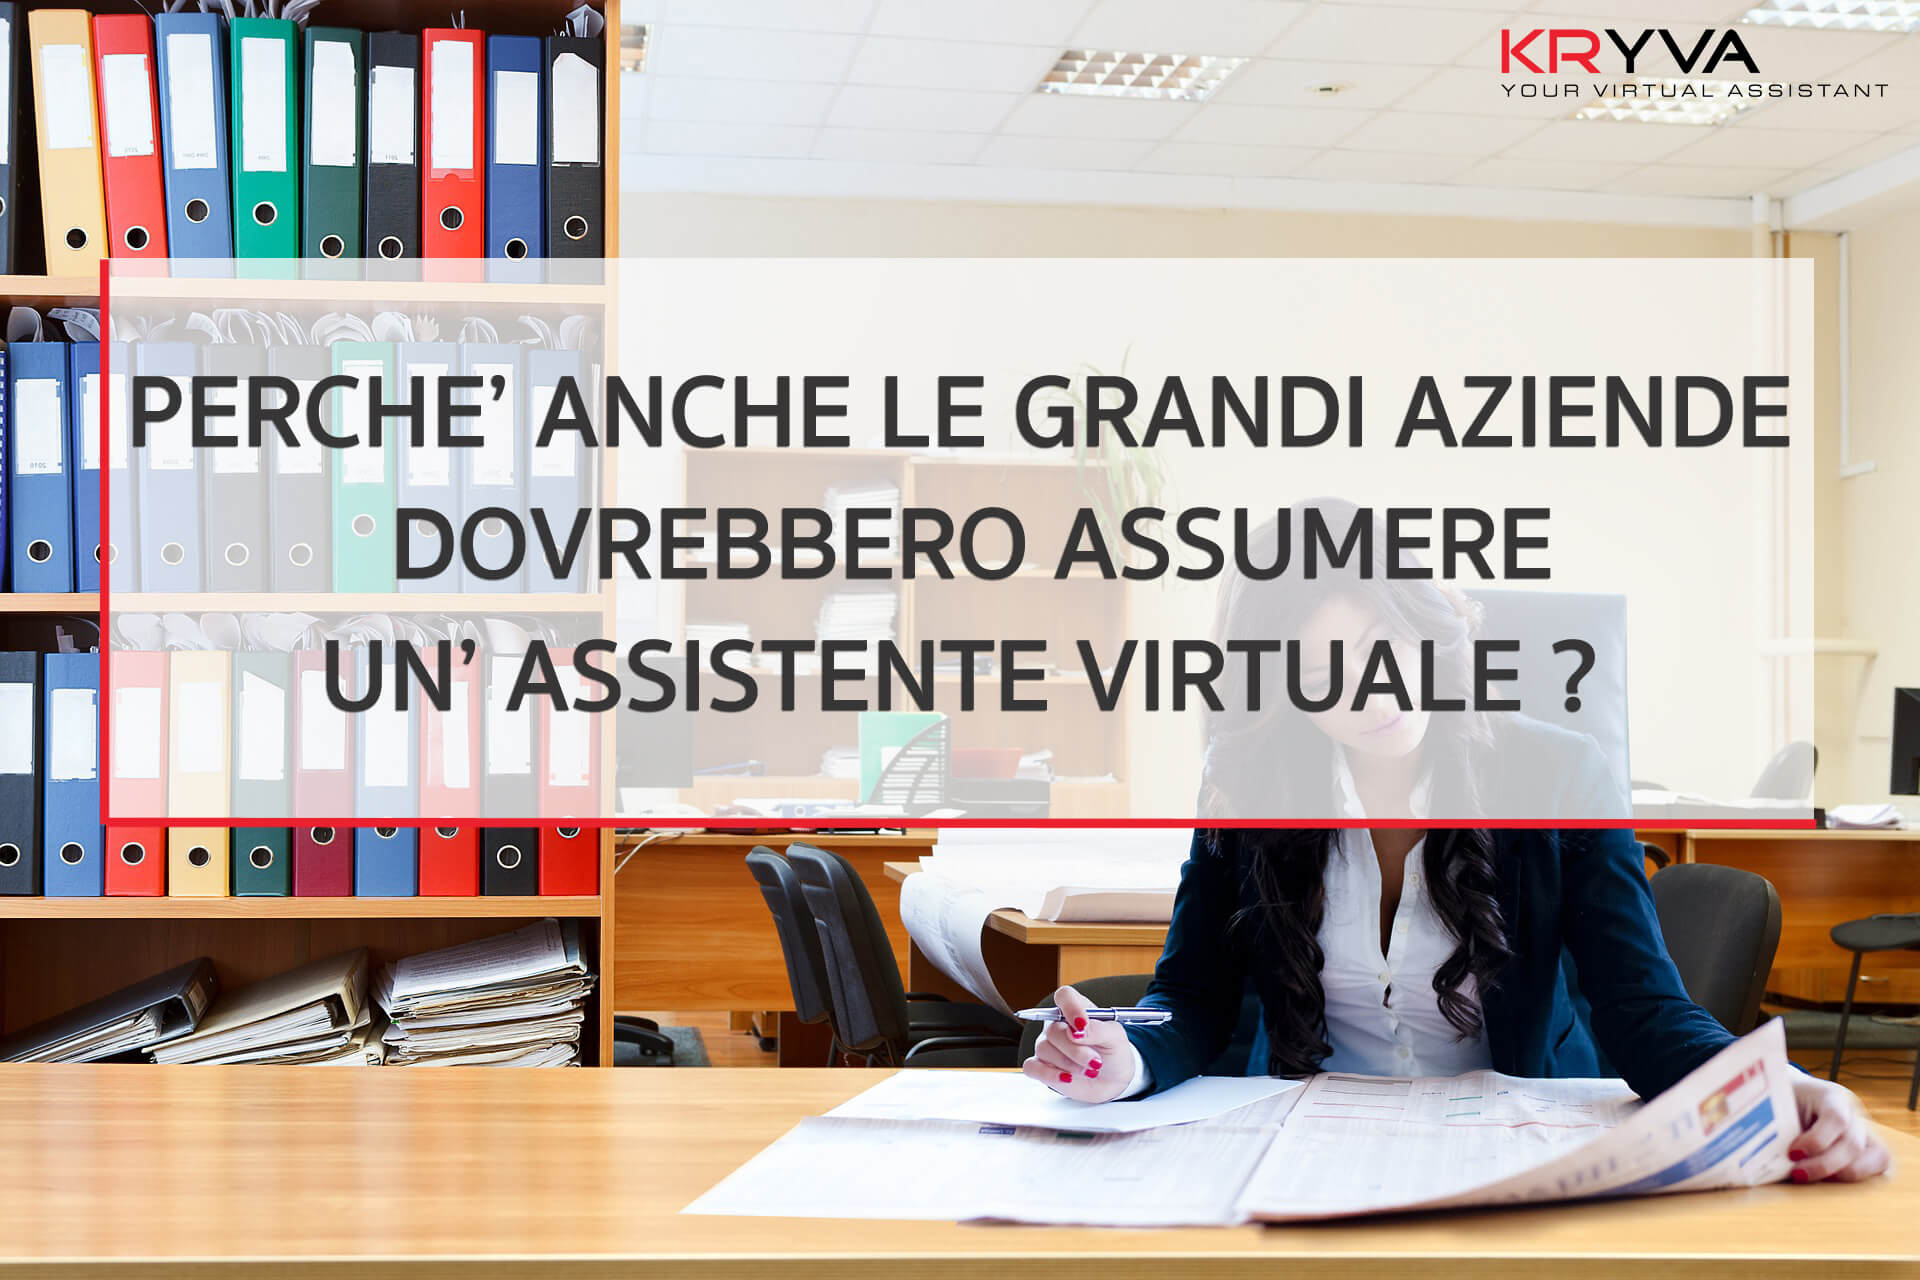 Perché anche le grandi aziende dovrebbero assumere assistenti virtuali?